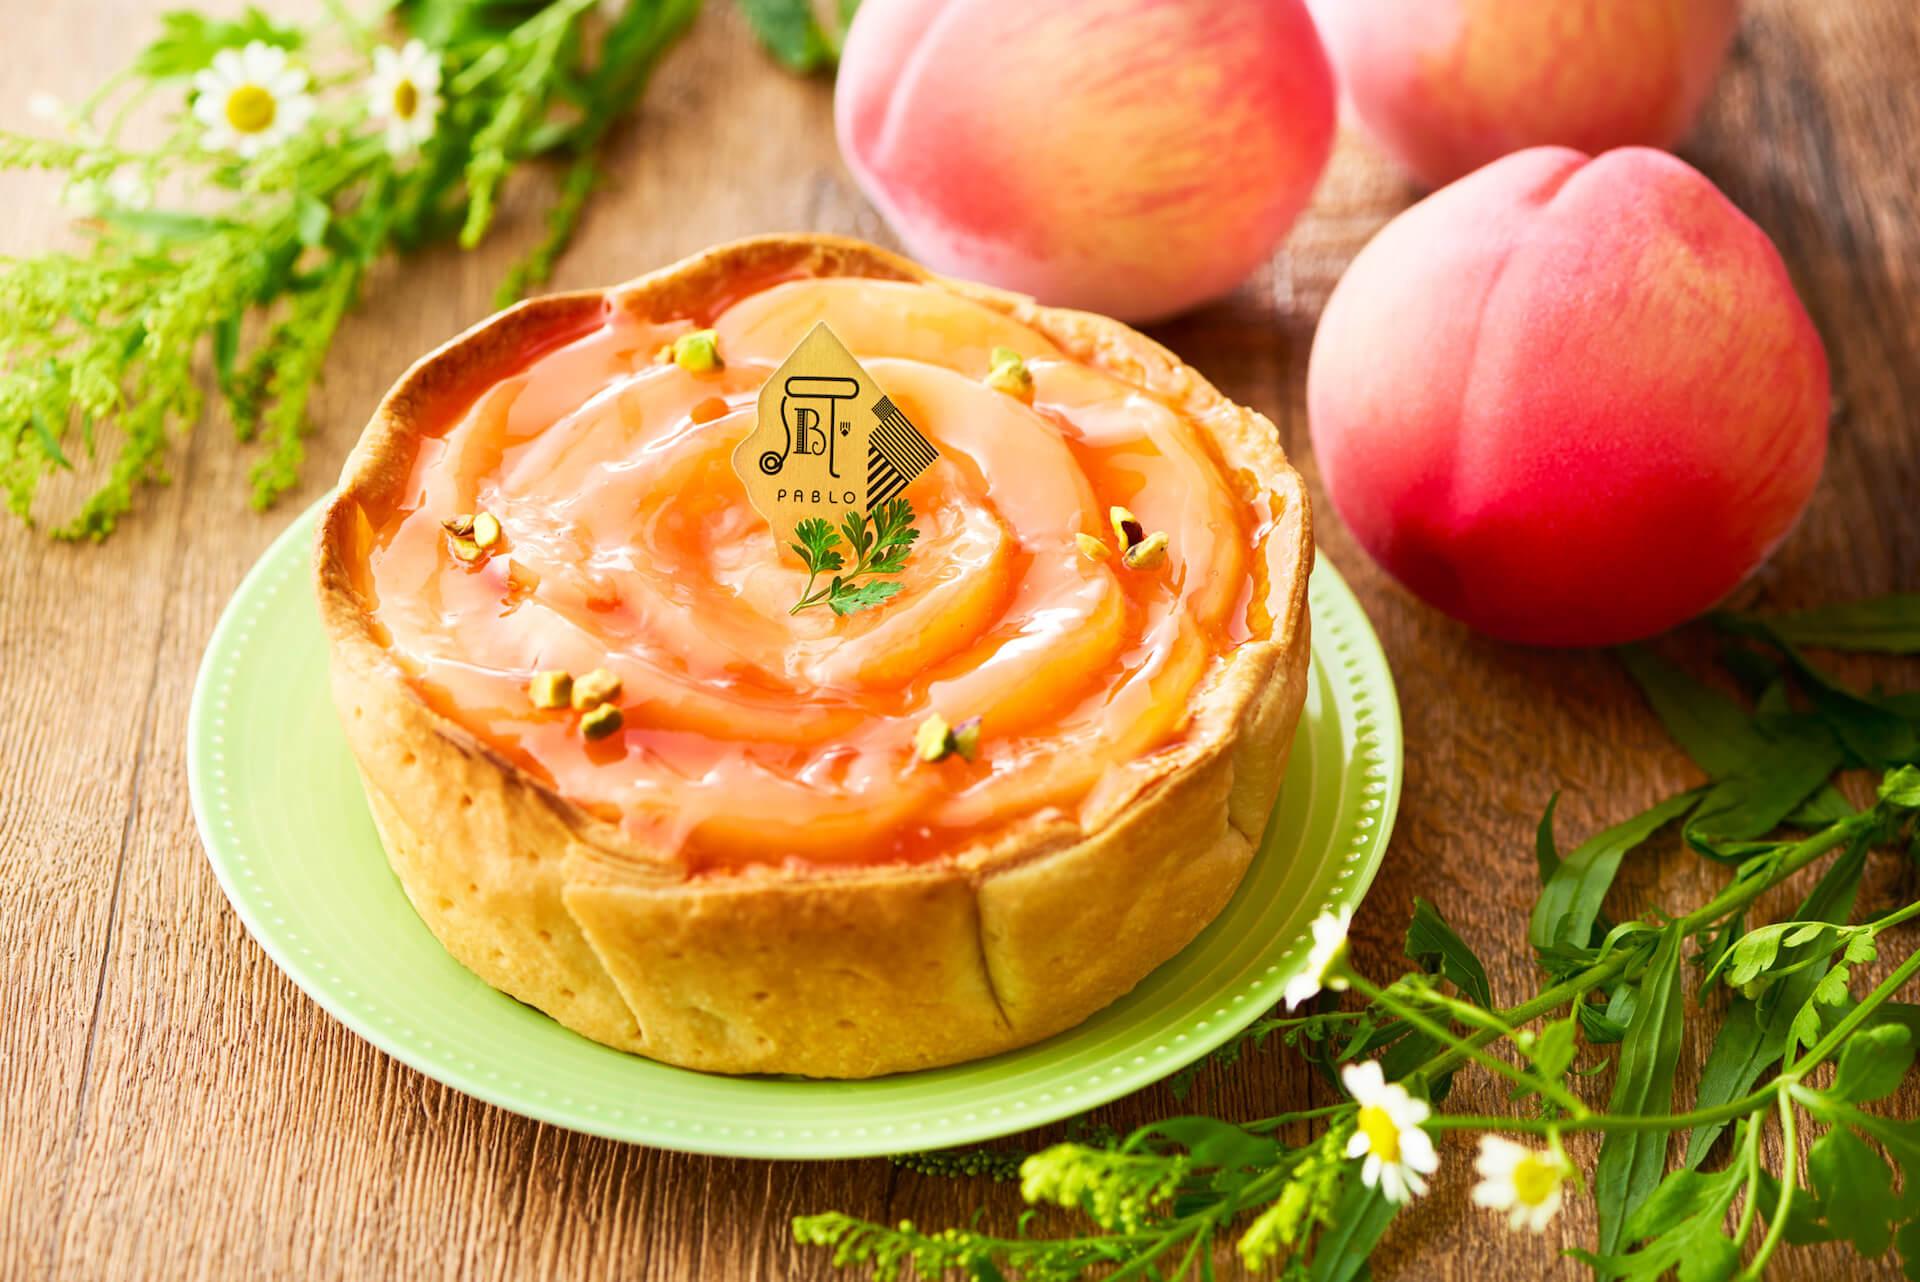 国産白桃が花びらのように敷き詰められたPABLOの新作『白桃とヨーグルトのチーズタルト』が1カ月限定で登場 gourmet_pablo_peachyogurt_01